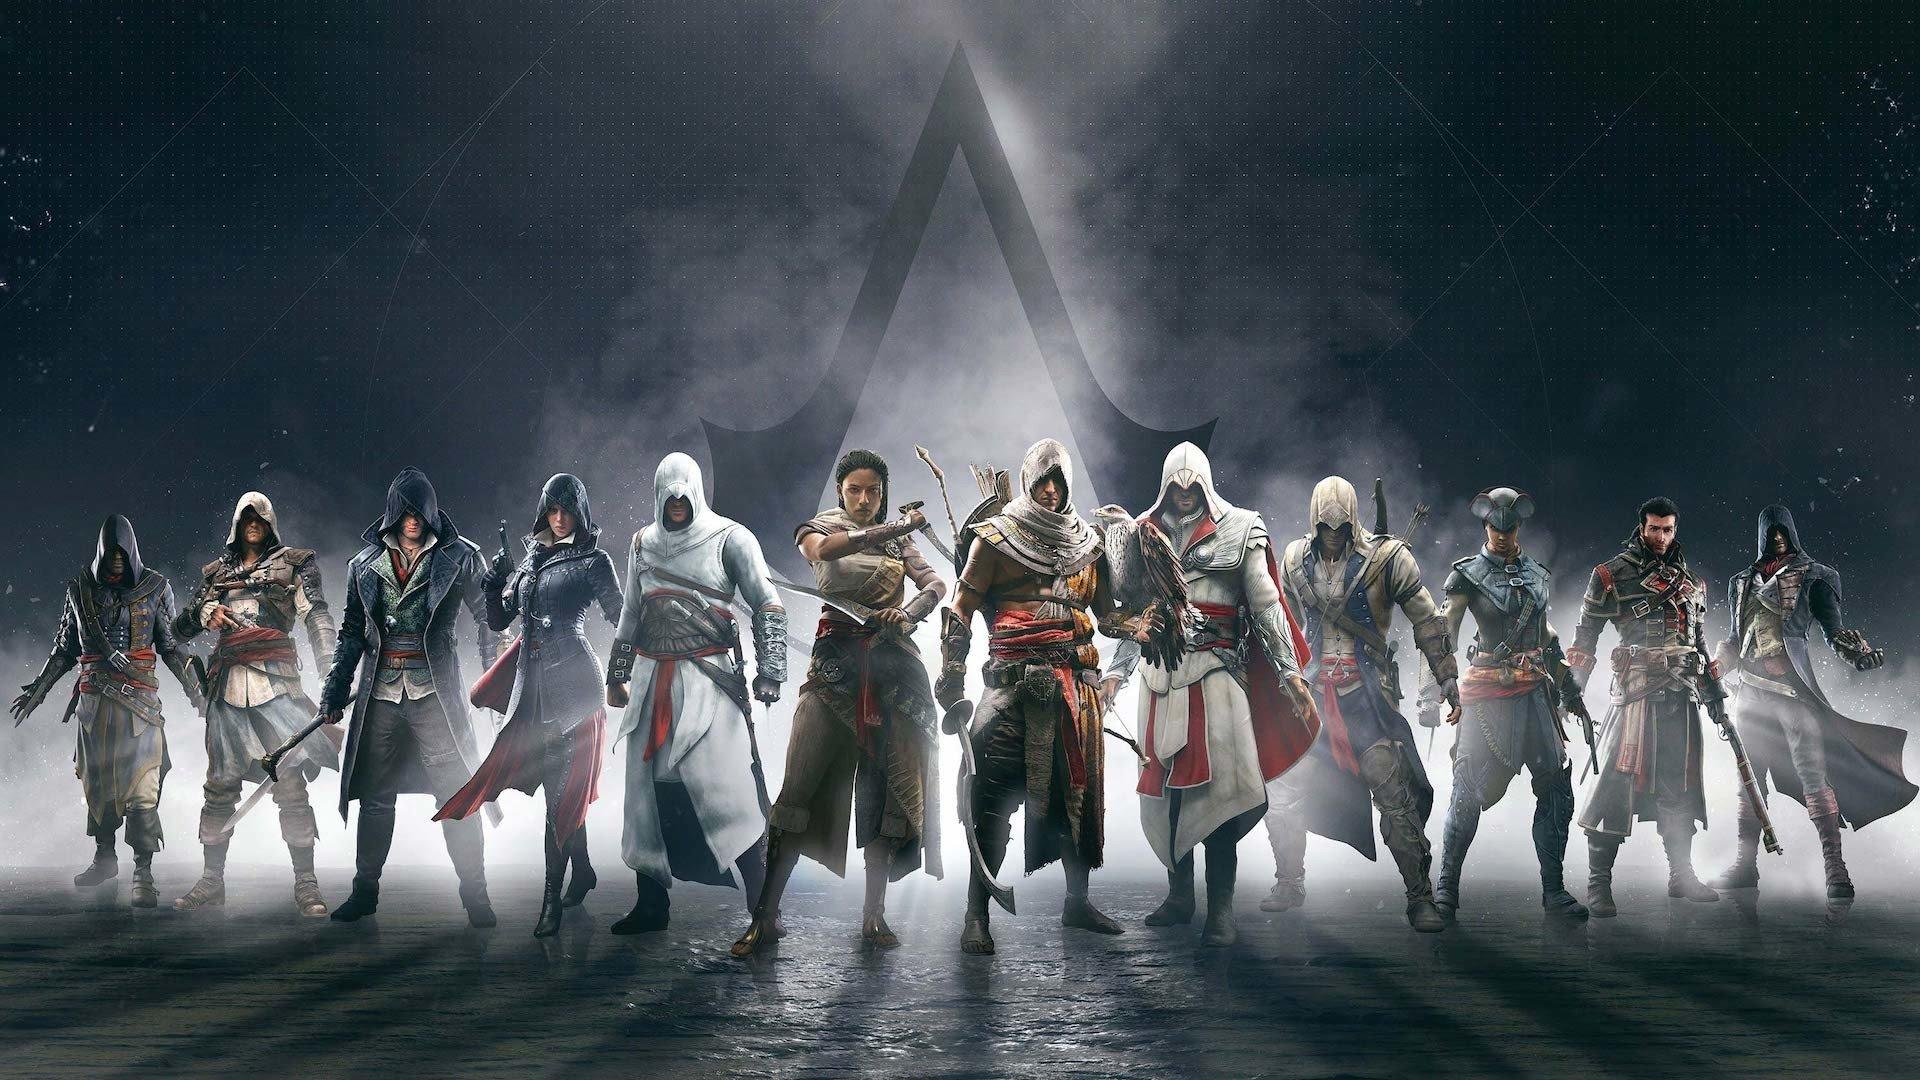 Knights Templar in Assassins Creed